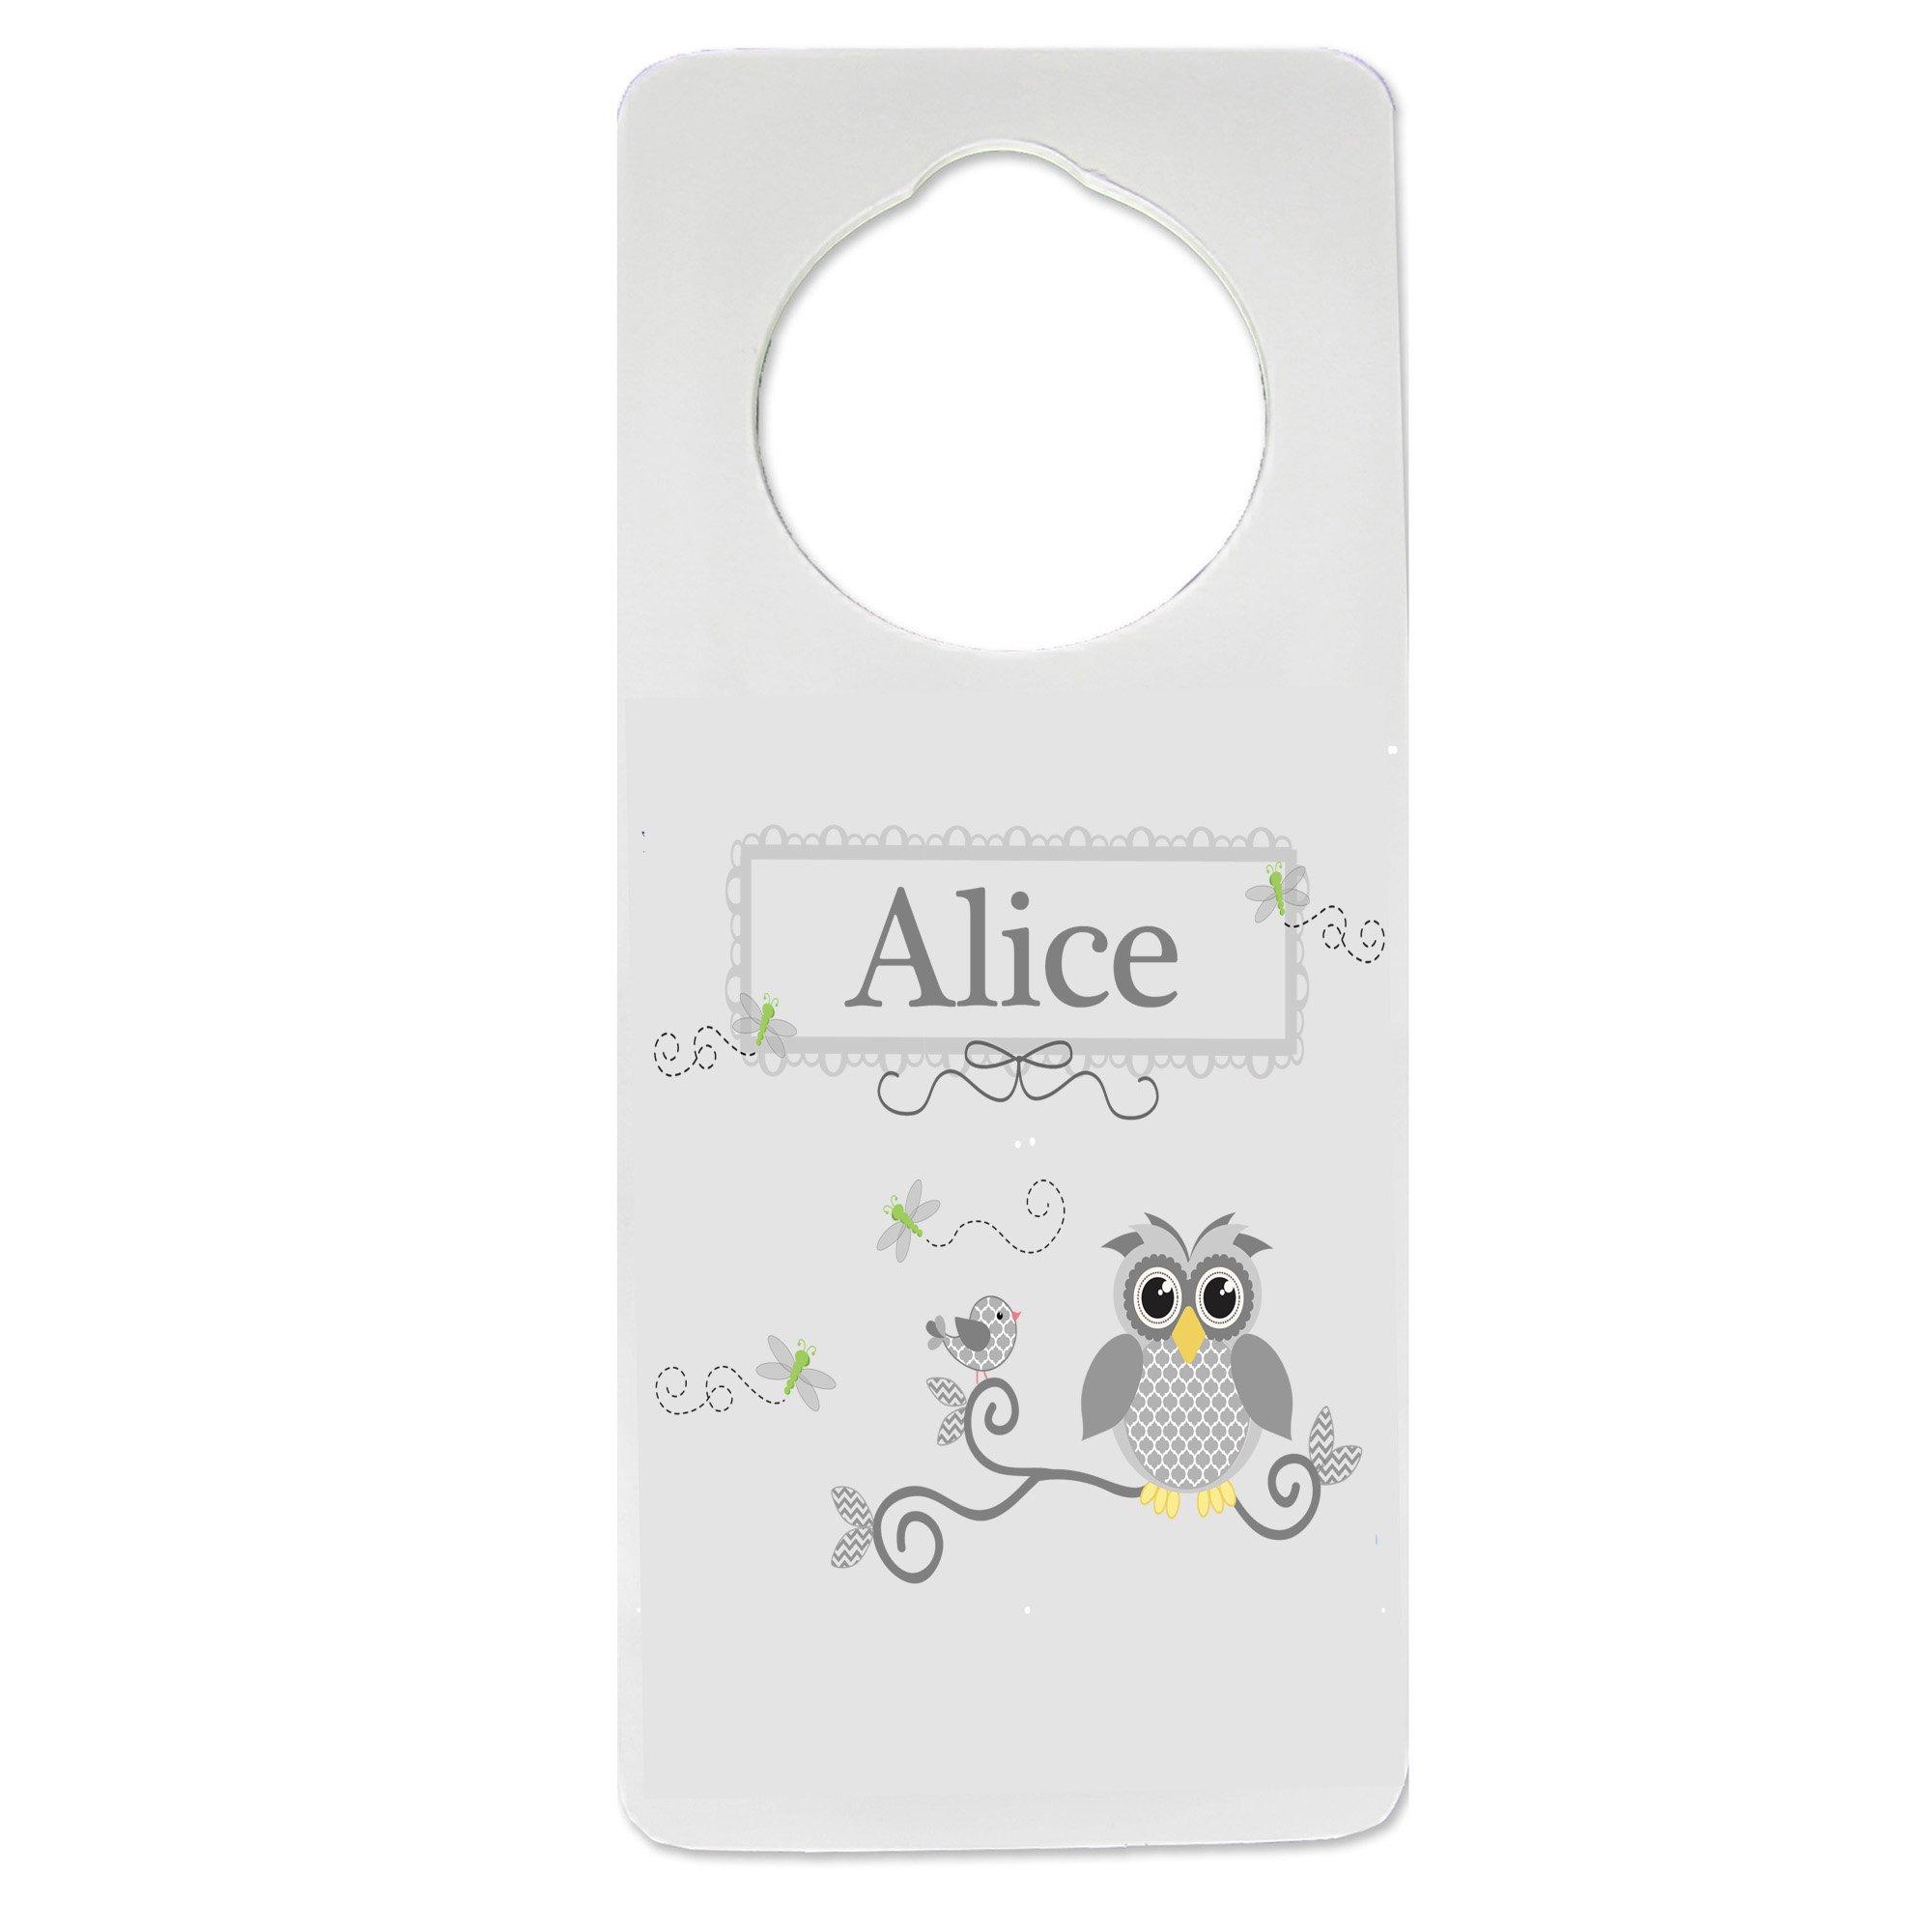 Personalized Nursery Door Hanger with Gray Owl design